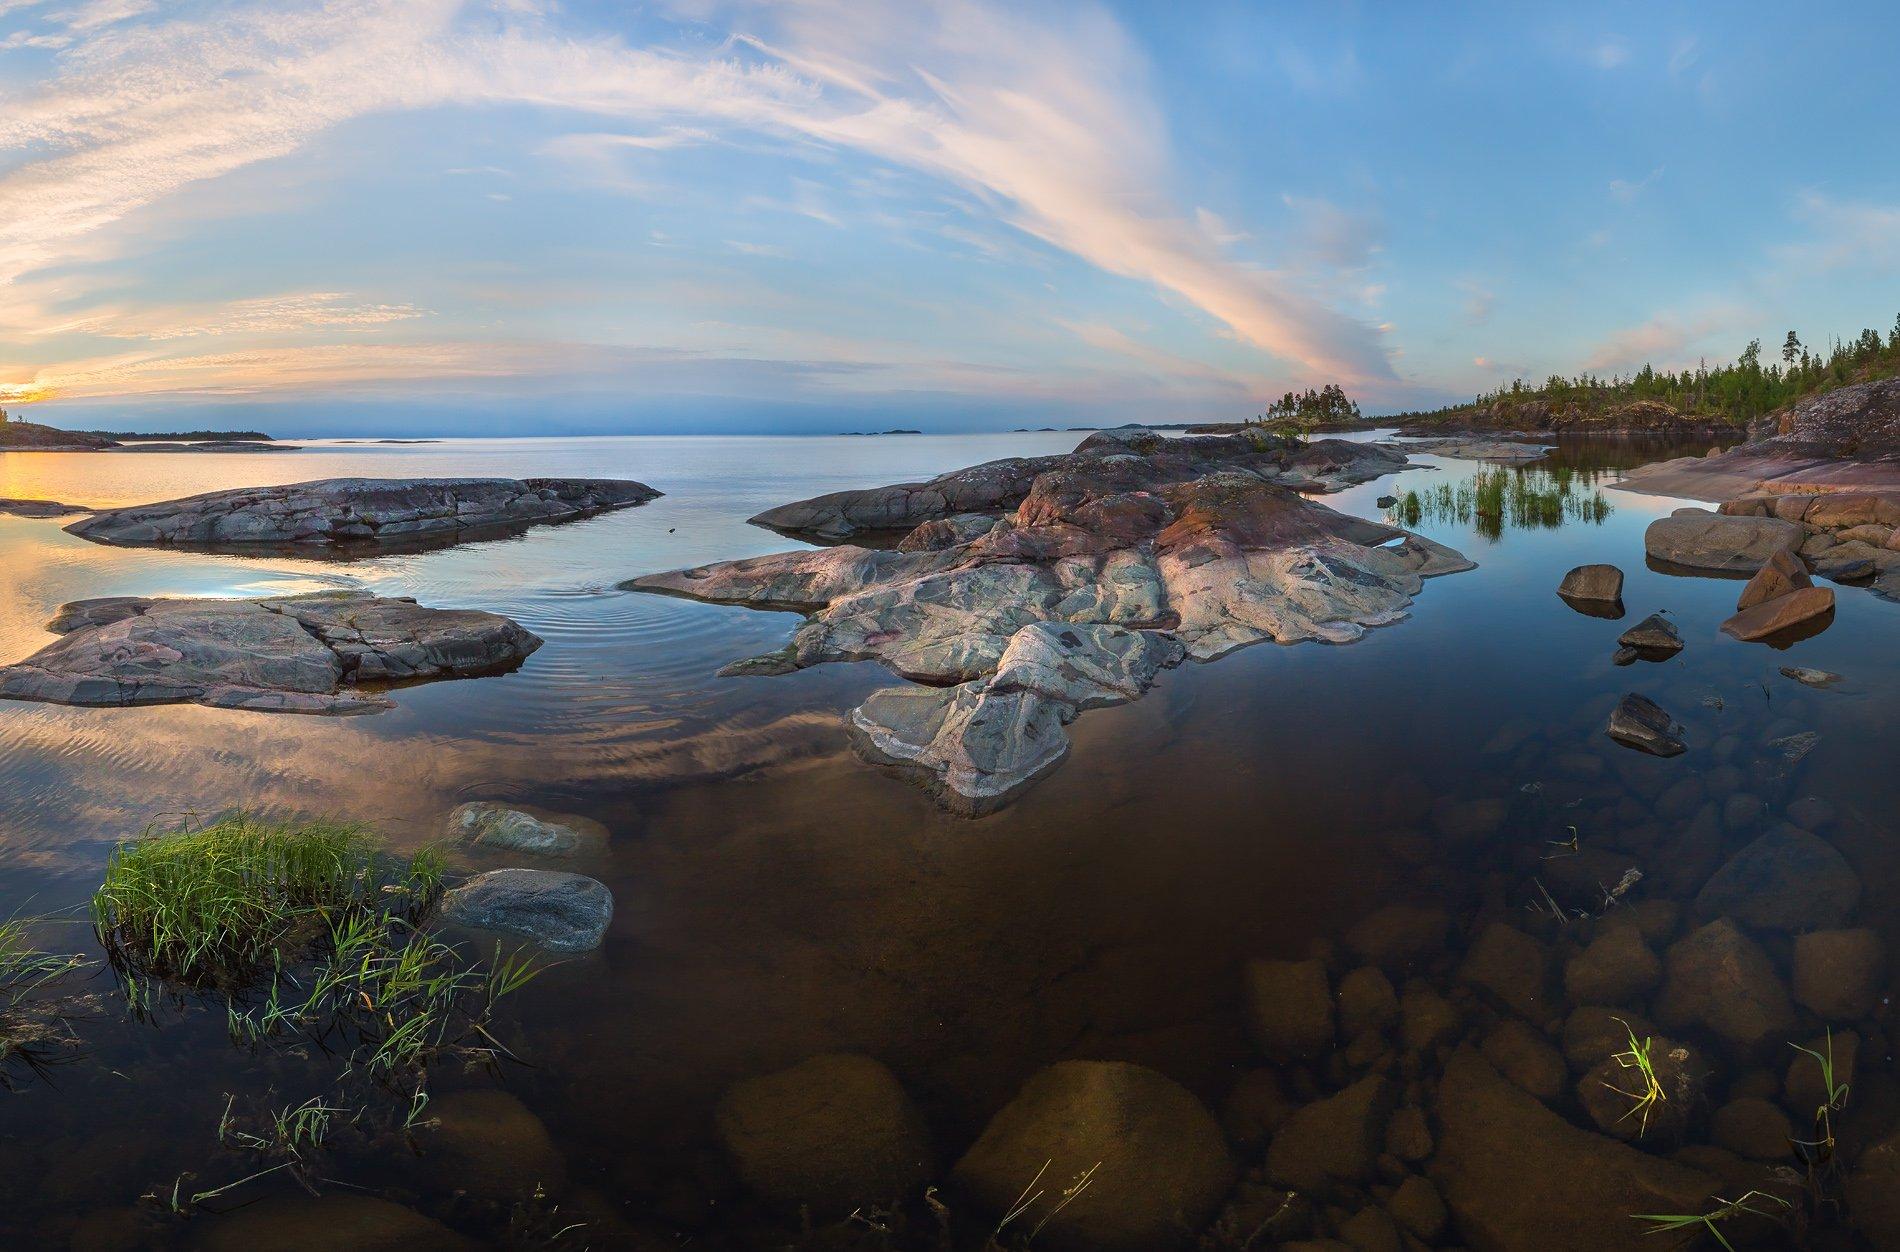 ладожское озеро, карелия, шхеры, природа, скалы, вода, остров, гранит, рассвет, облака,, Лашков Фёдор